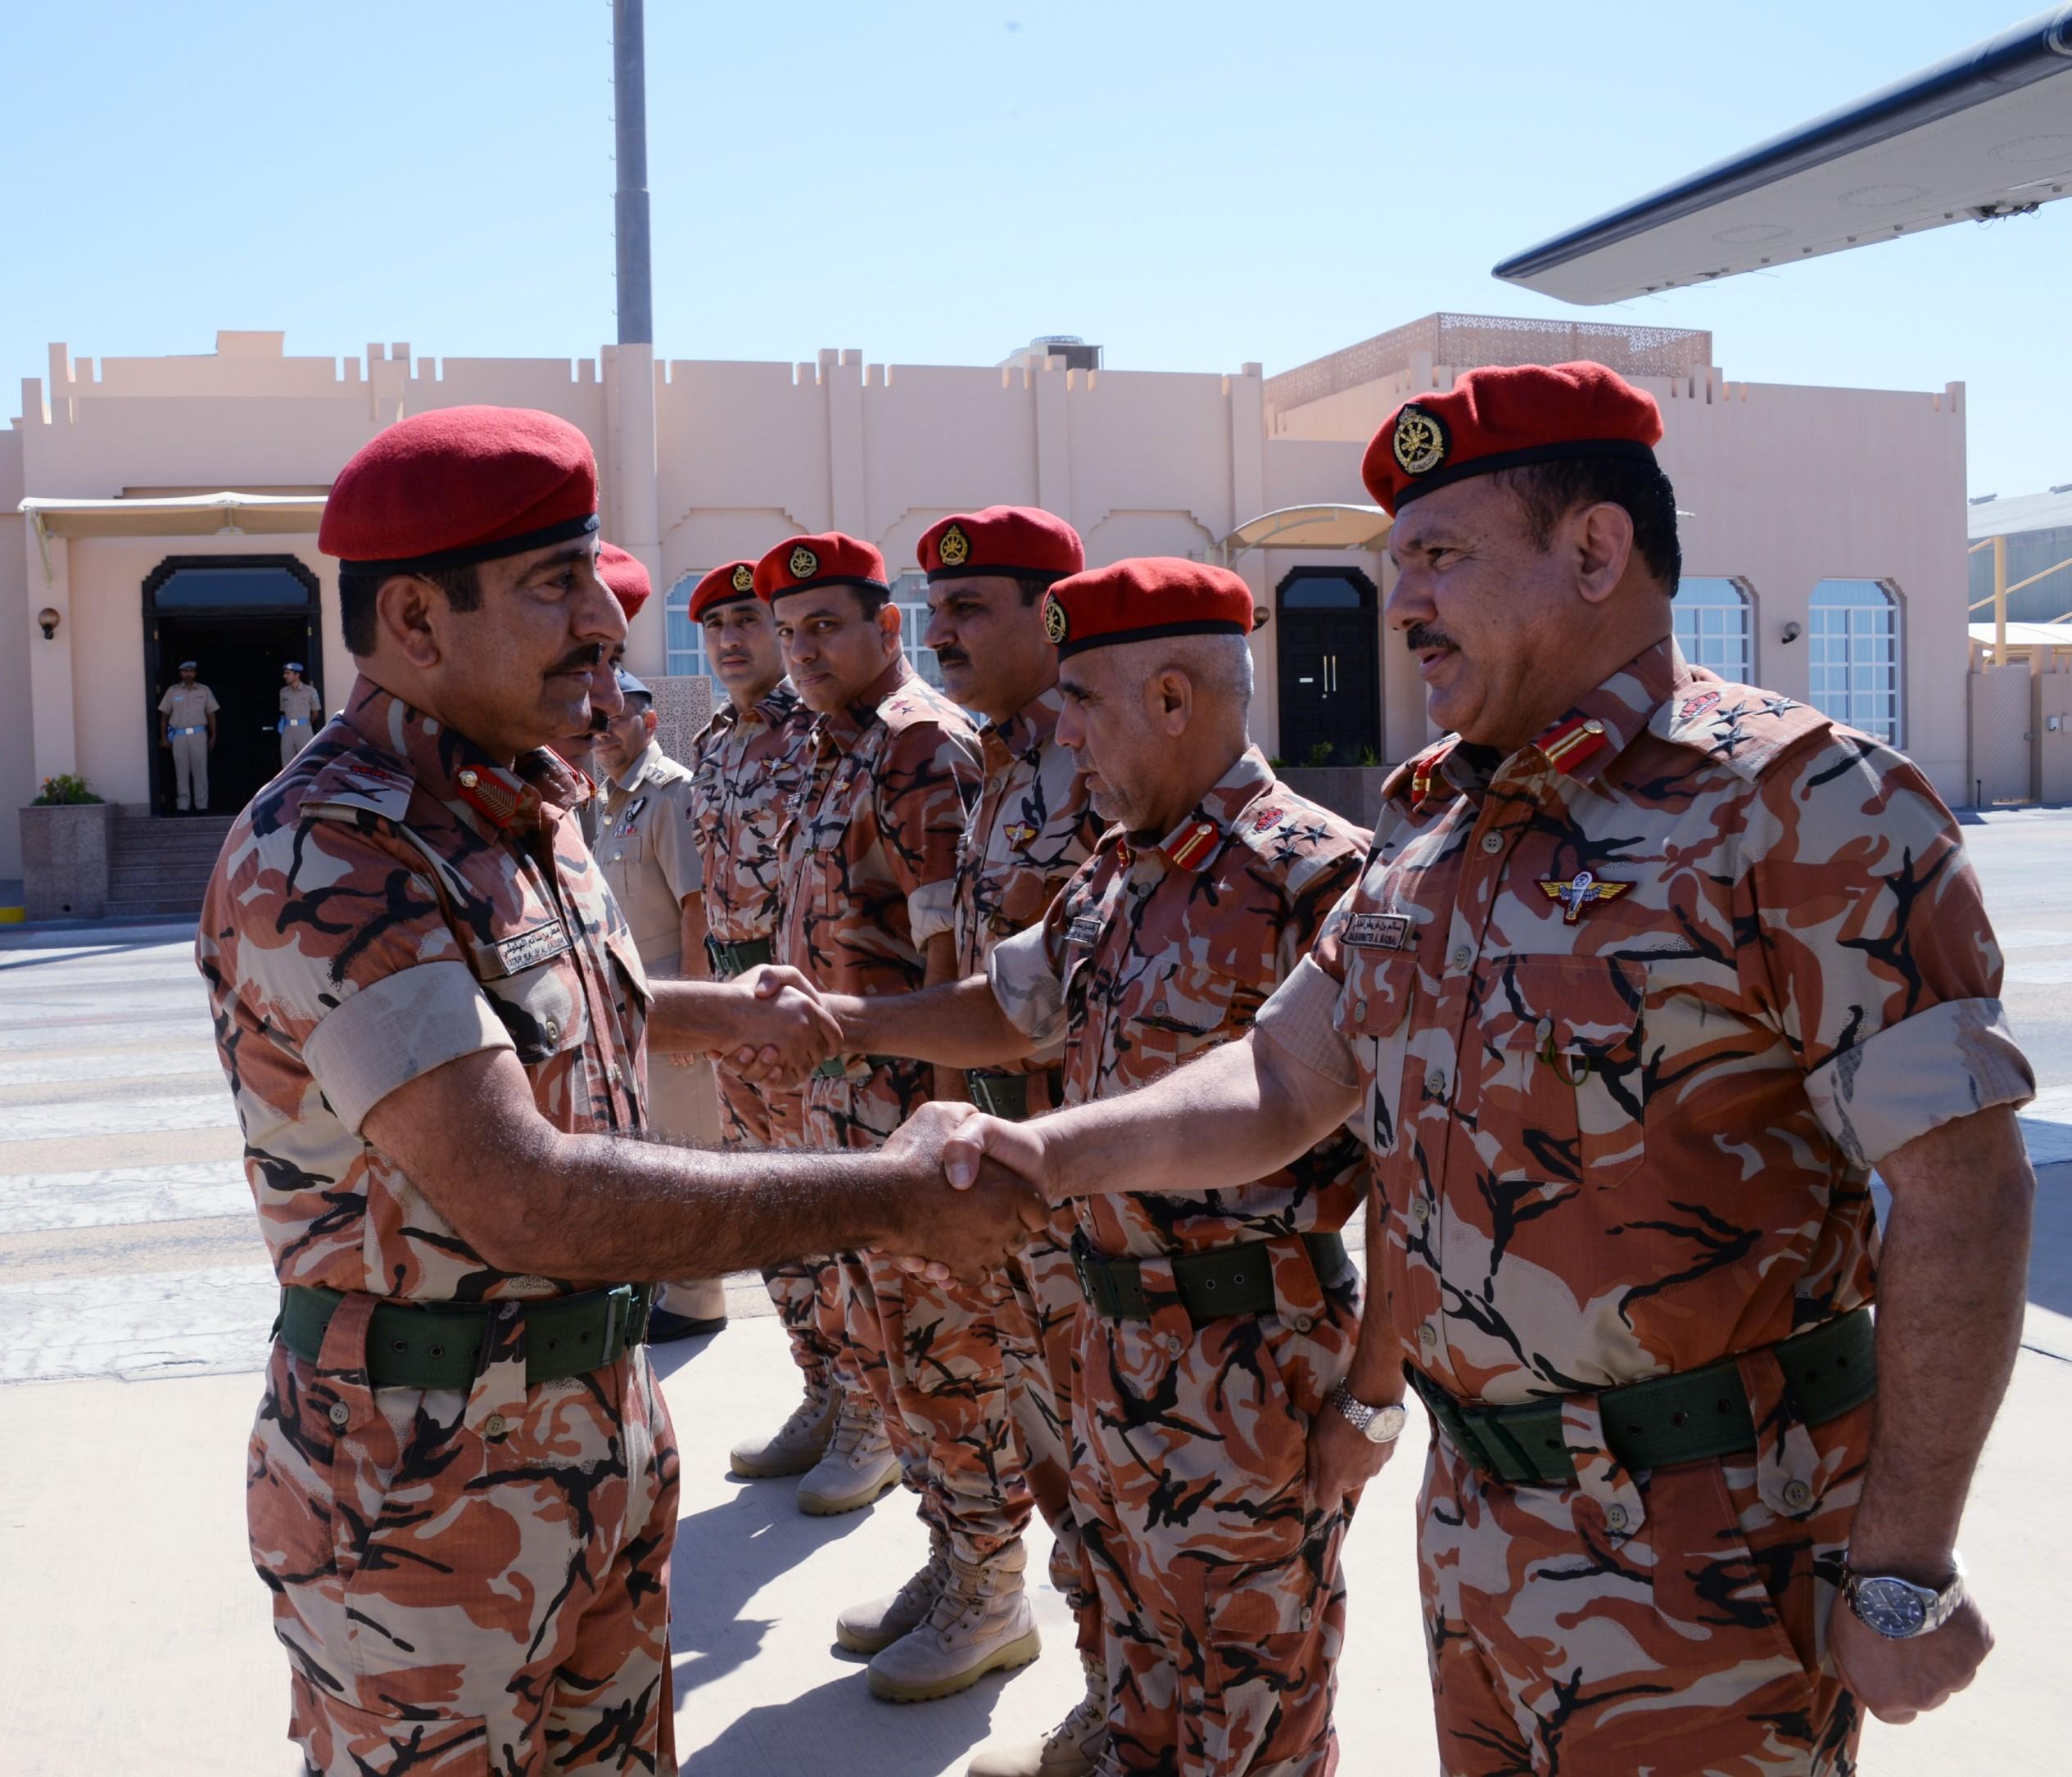 قائد الجيش السلطاني العماني يتوجه إلى المملكة العربية السعودية